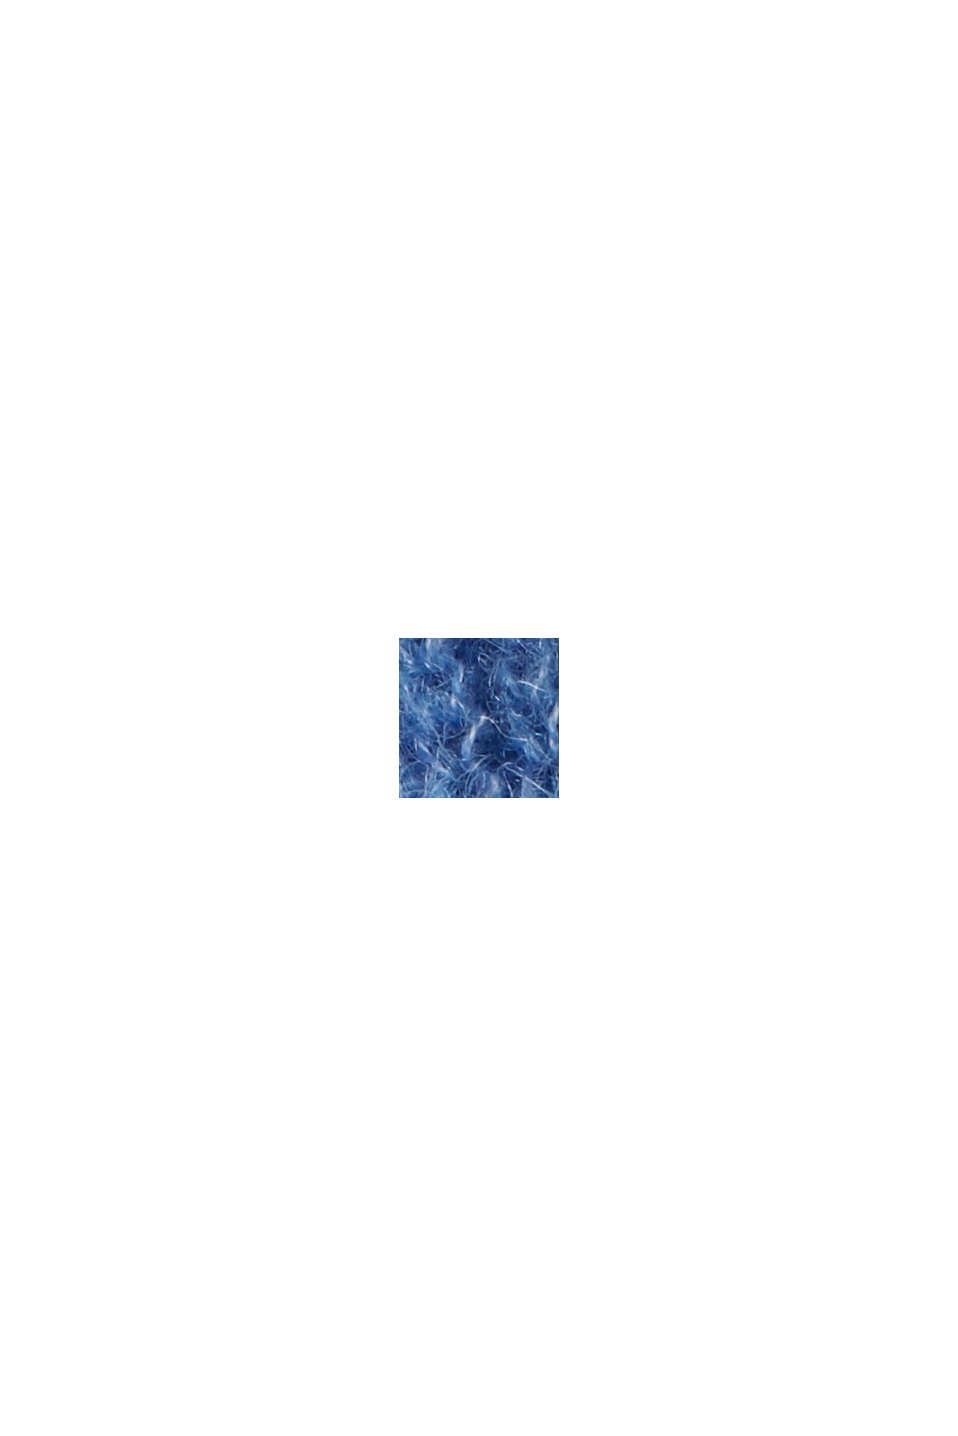 Z wełną z alpaki/owczą: kardigan z dekoltem w serek, BRIGHT BLUE, swatch